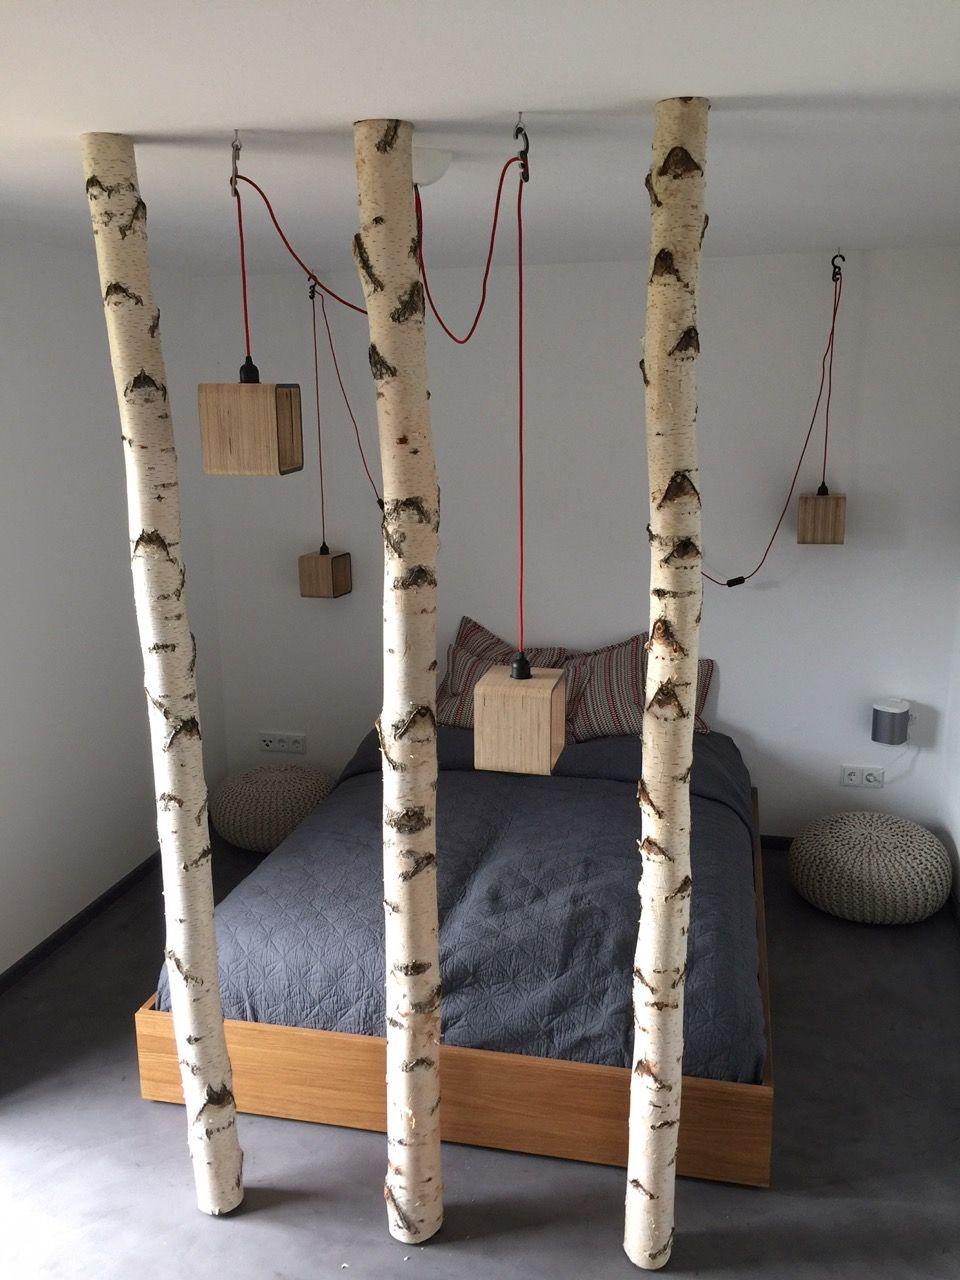 AuBergewohnlich 35 Ideen Für Birkenstamm Deko U2013 Bringen Sie Die Natur In Ihre Wohnung |  Pinterest.